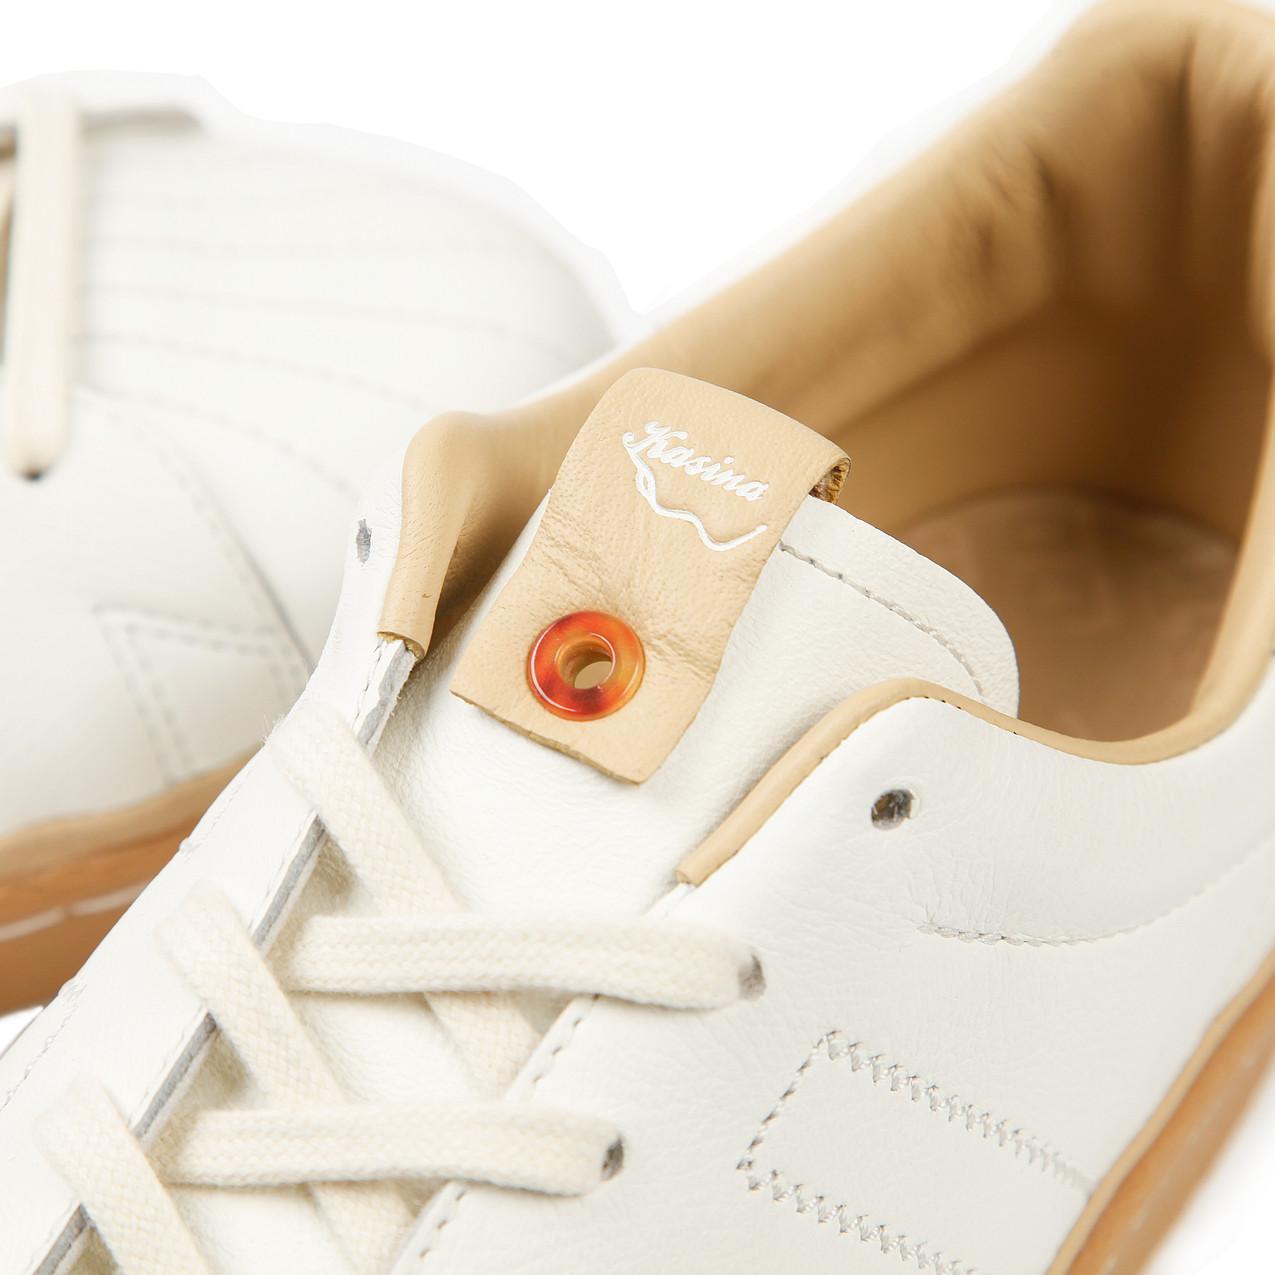 adidas Originals-Consortium- TENIS SUPERSTAR KASINA STILL_R$699,99 (13)